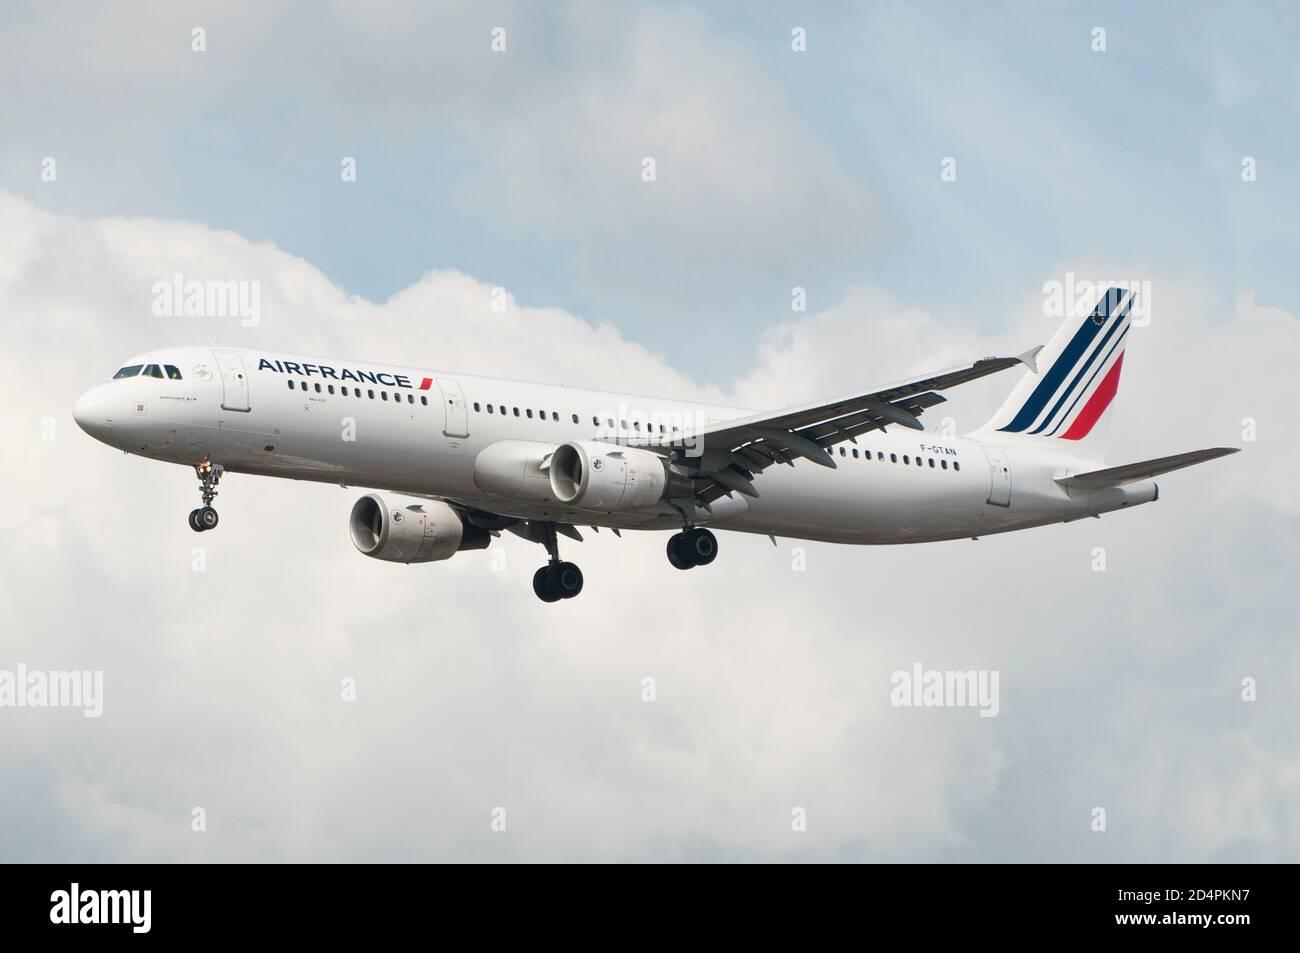 Londres, Royaume-Uni - 09 octobre 2020 - atterrissage d'un Airbus A321 d'Air France Banque D'Images